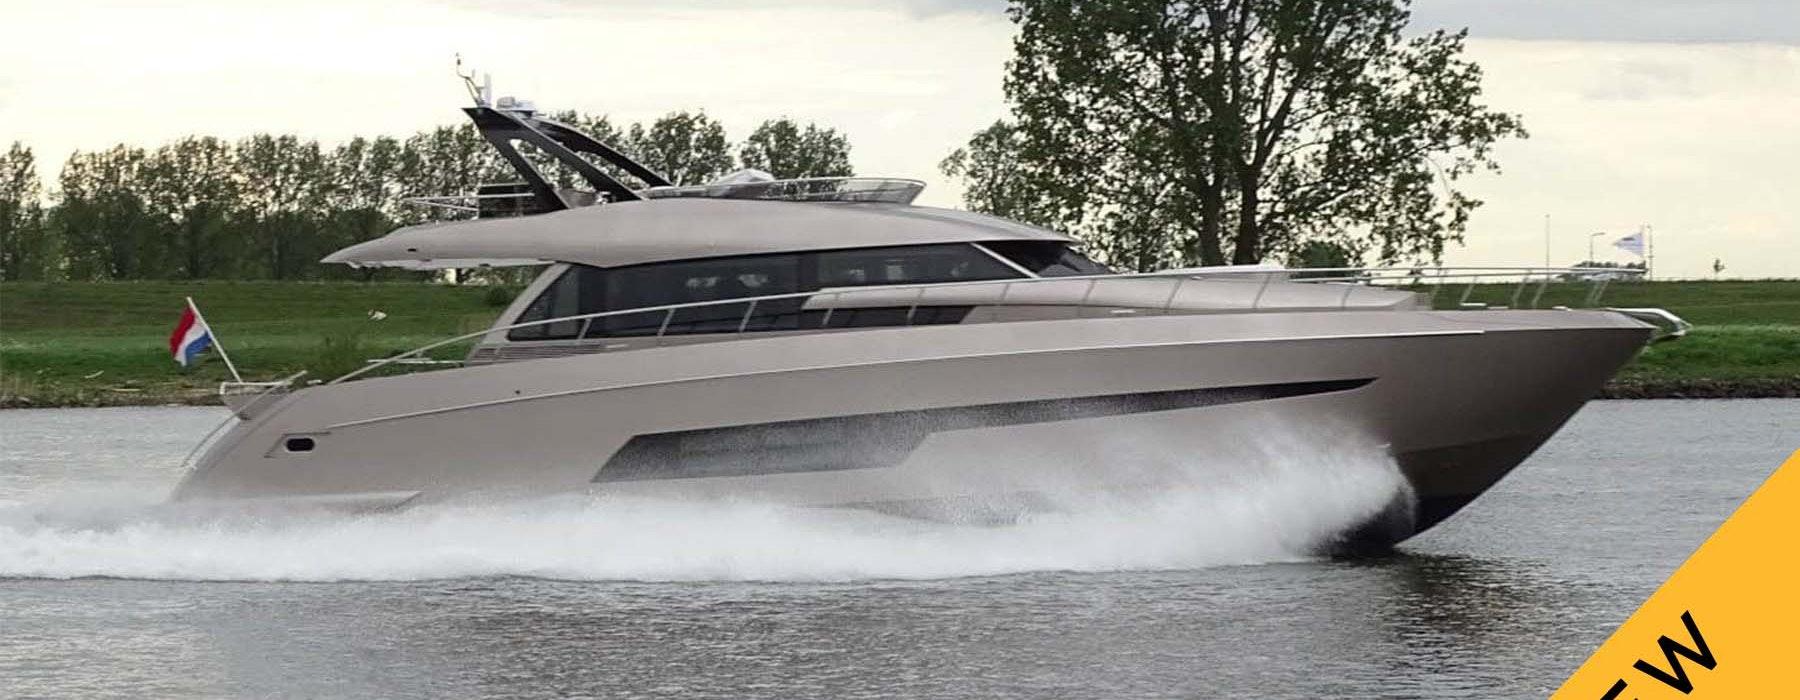 motor yacht ALILEA Van Der Heijden for sale